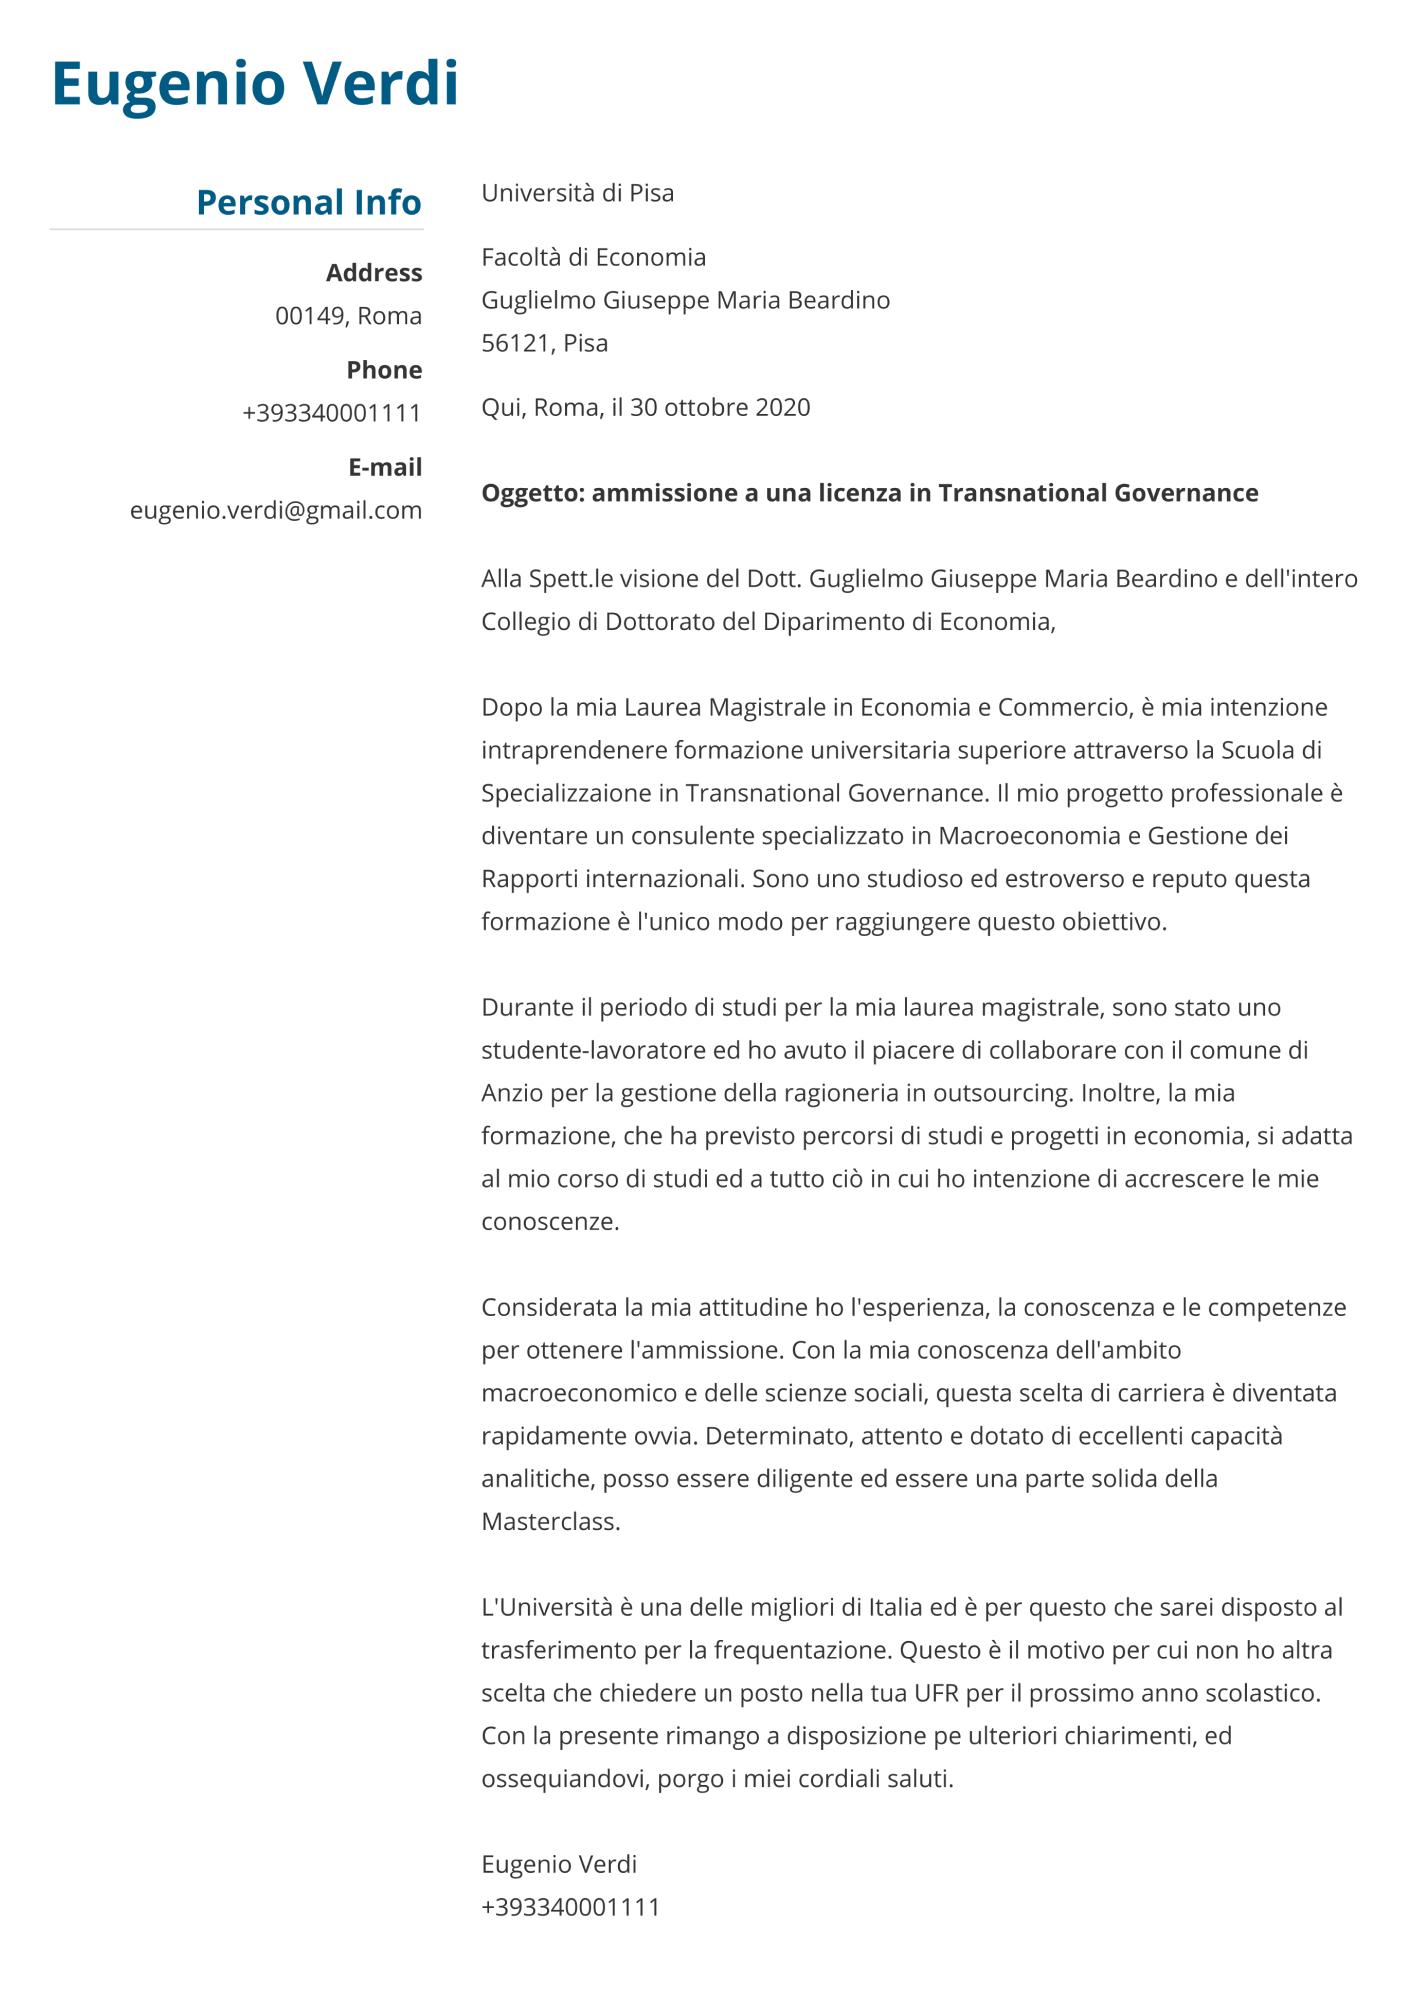 Lettera di presentazione per ammissione all'università